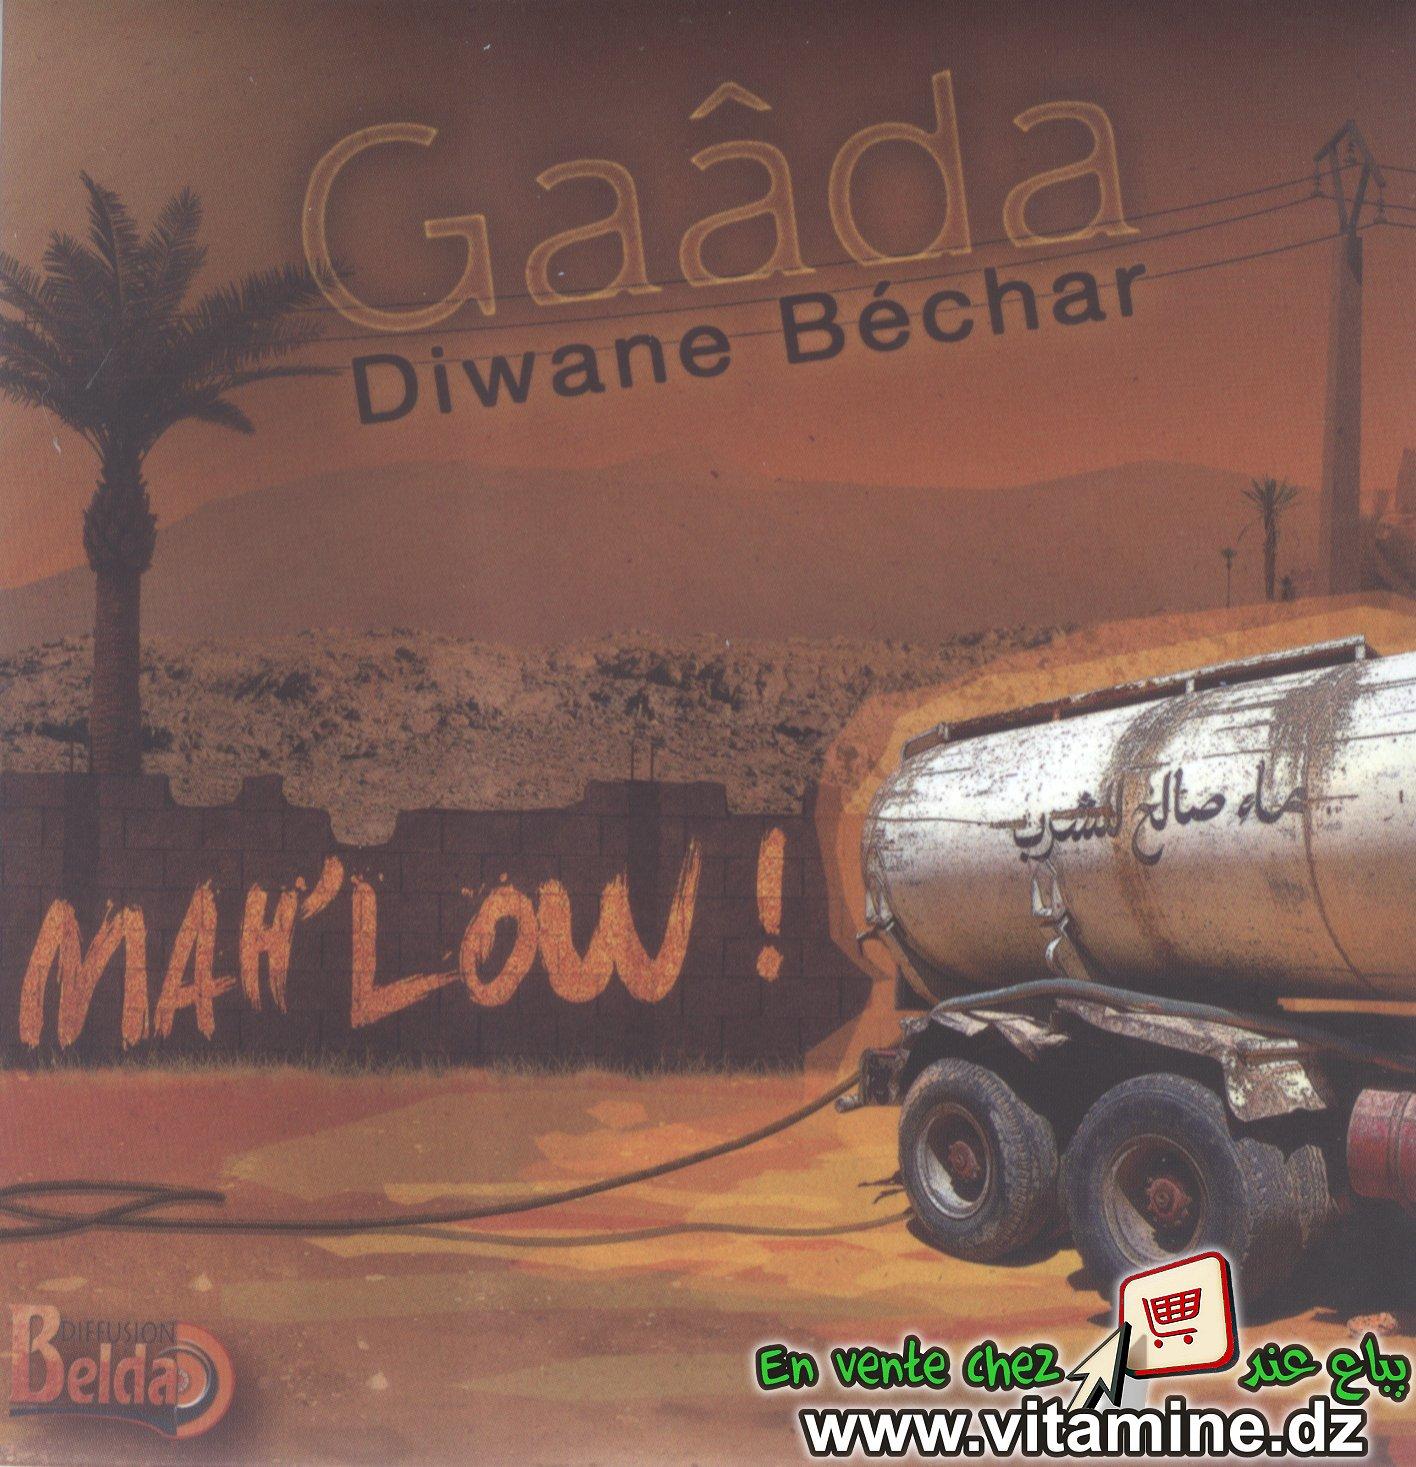 Gaâda Diwane Béchar - mah'low